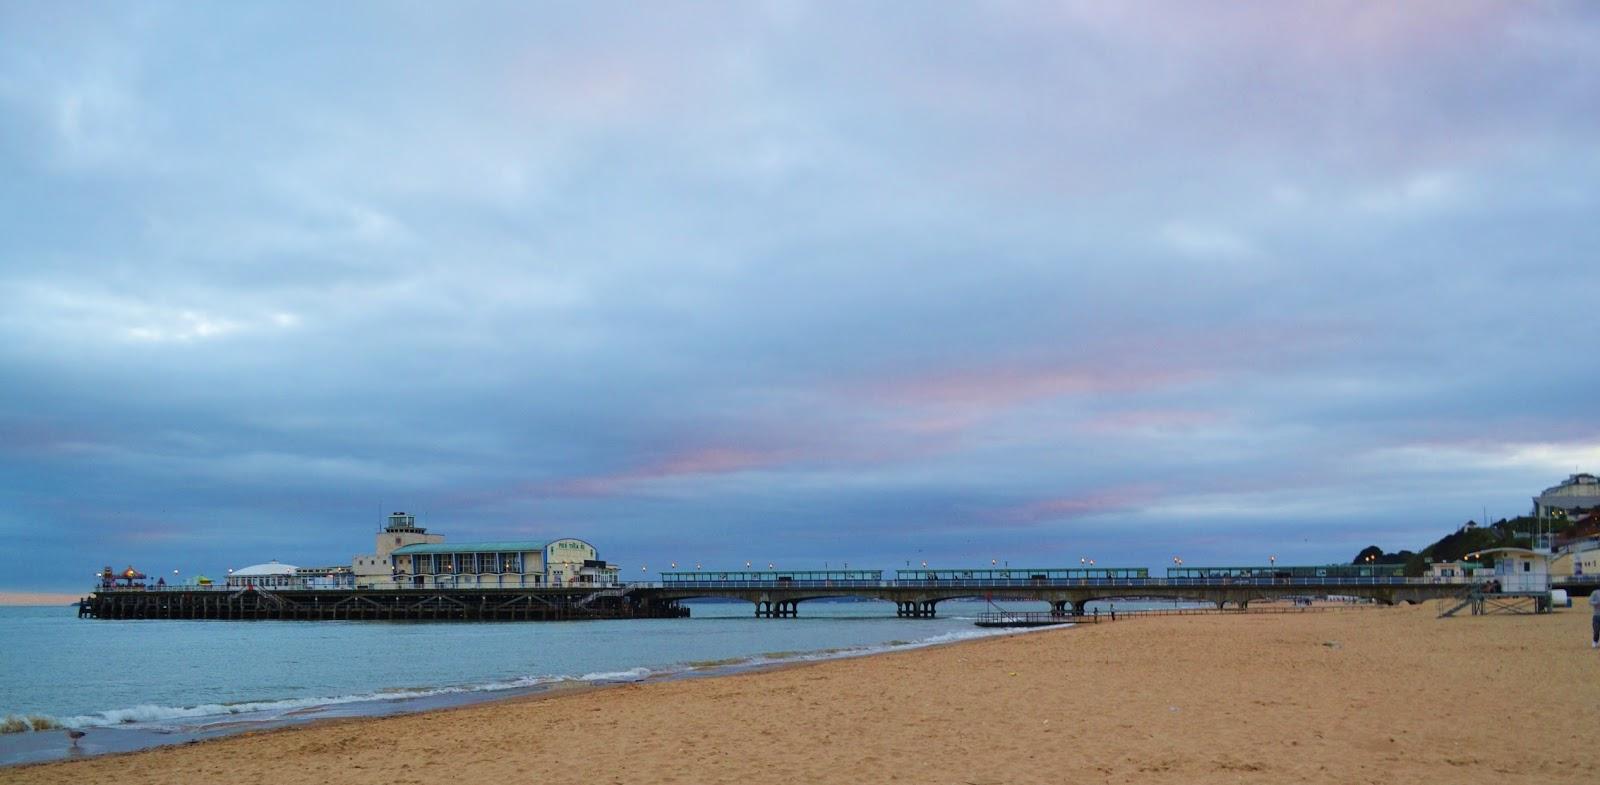 beach sunset pier